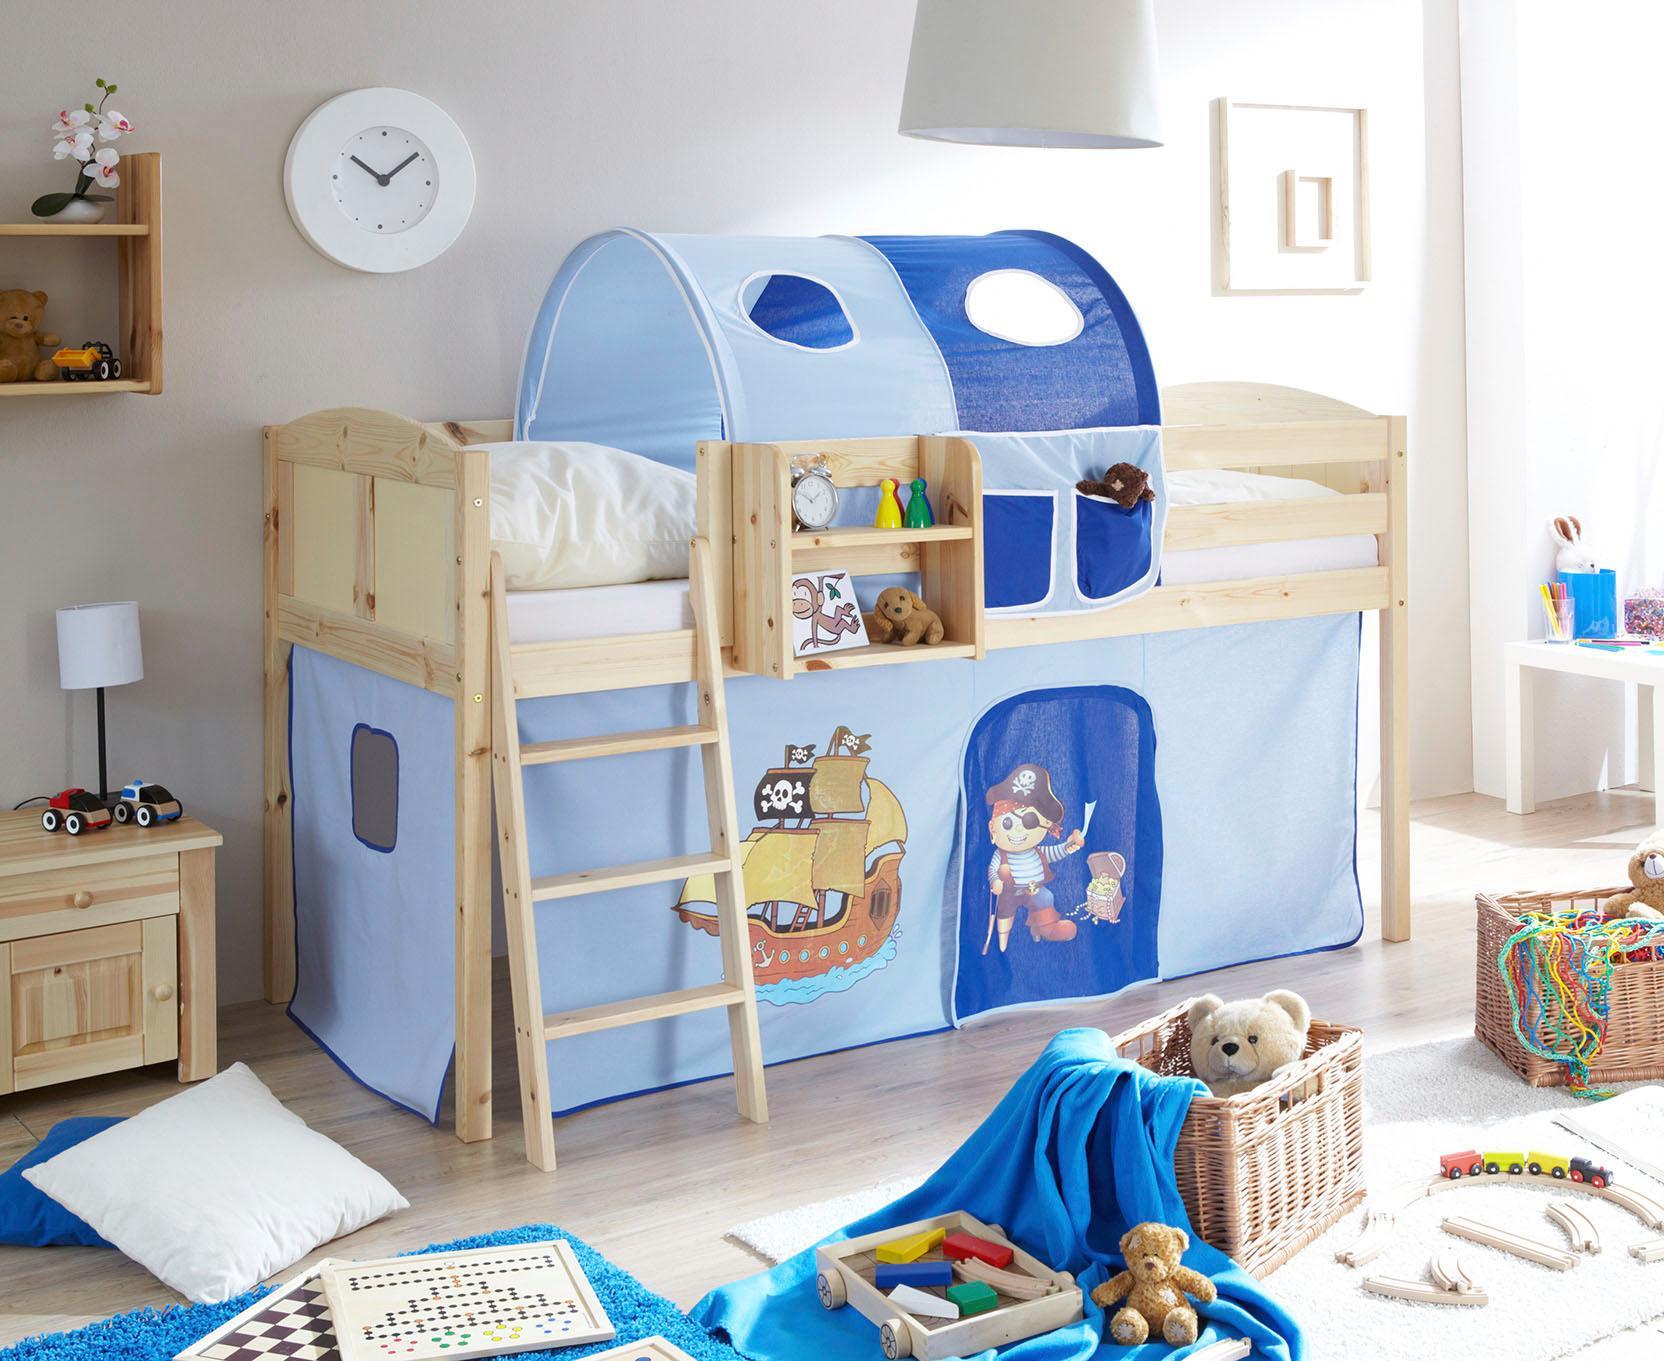 Ticaa Hochbett Eric blau Kinder Kinderbetten Kindermöbel